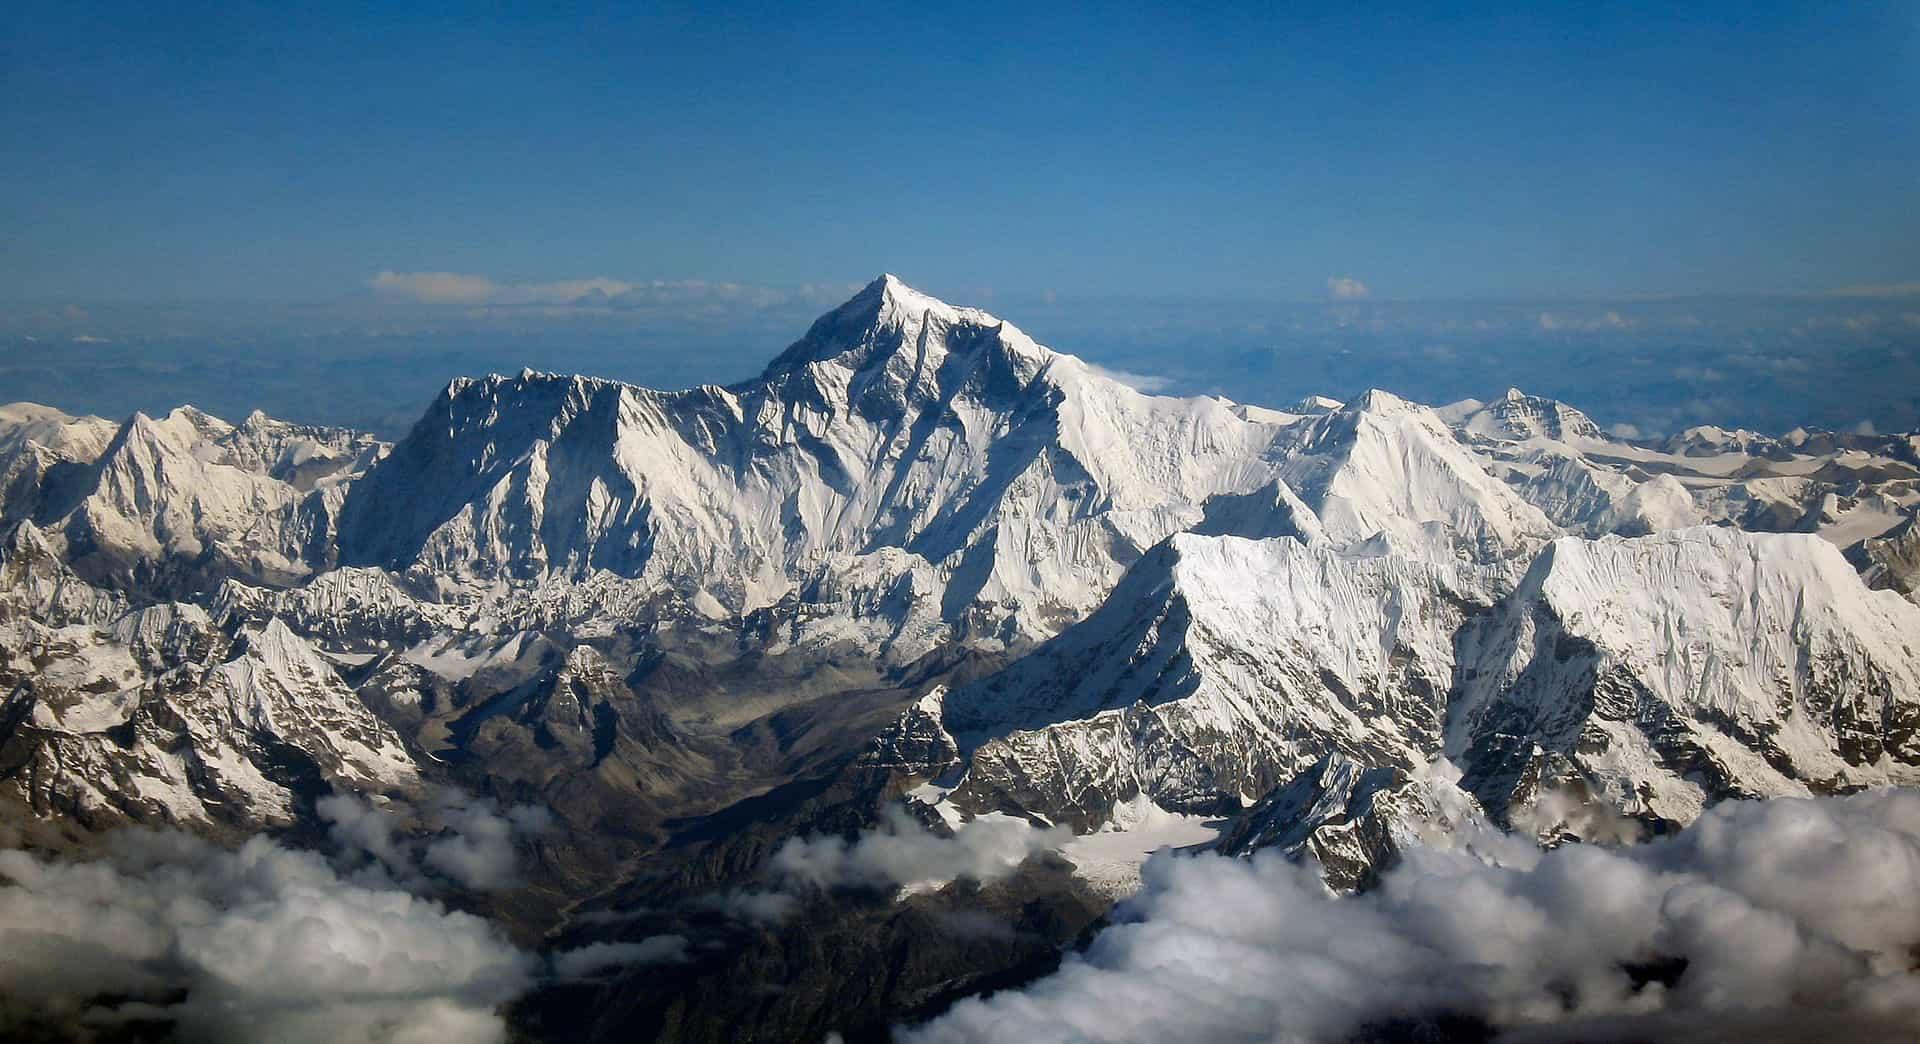 Os Himalaias, a cadeia montanhosa mais alta do mundo.